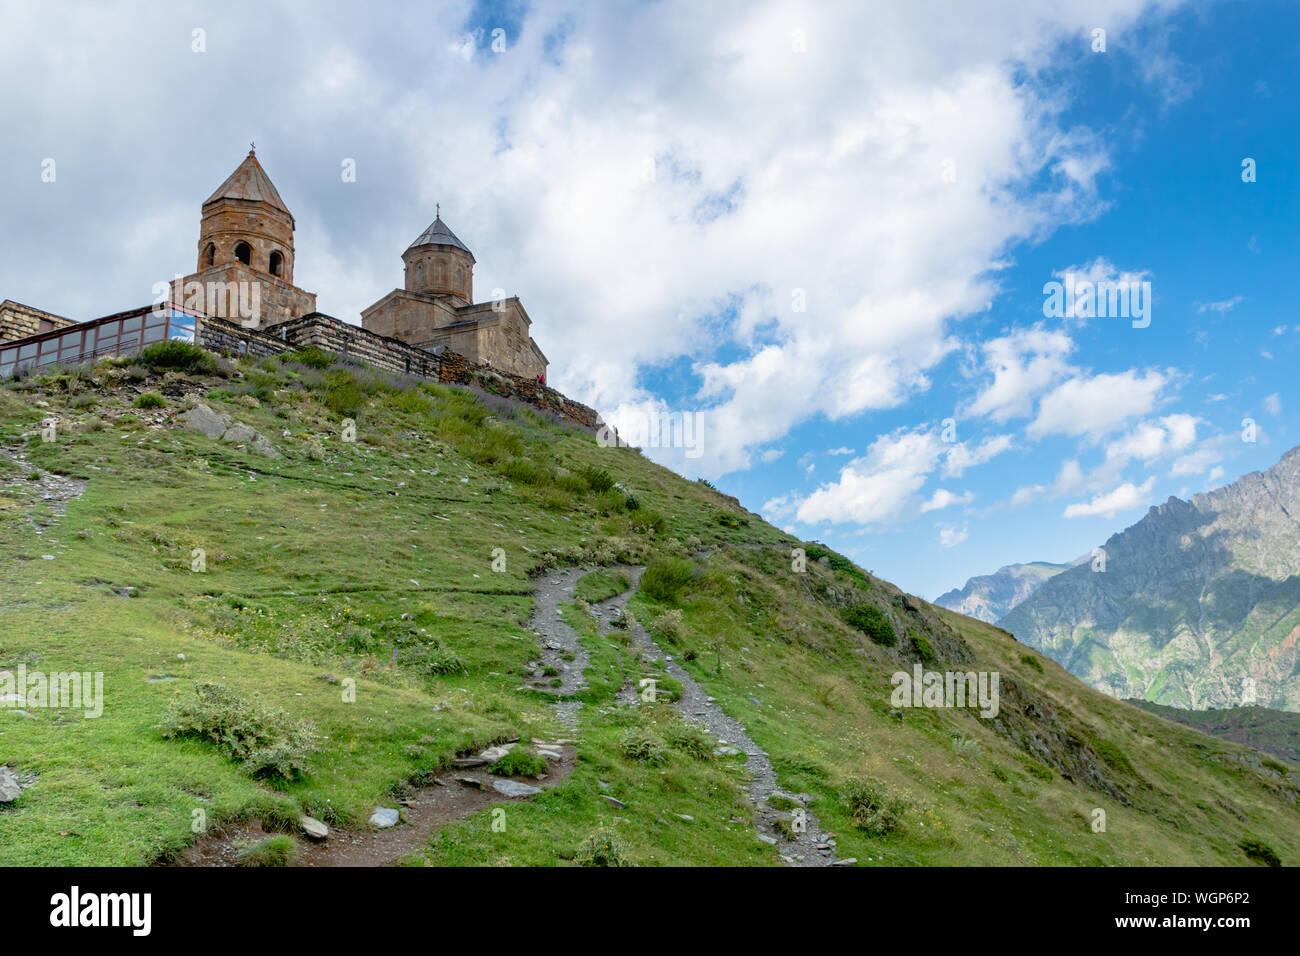 Gergeti Trinity Kirche oder Tsminda Sameba, dramatische landscaoe mit Wolken. Gergeti Kirche steht in der Nähe des Dorfes Gergeti in Georgien Stockfoto